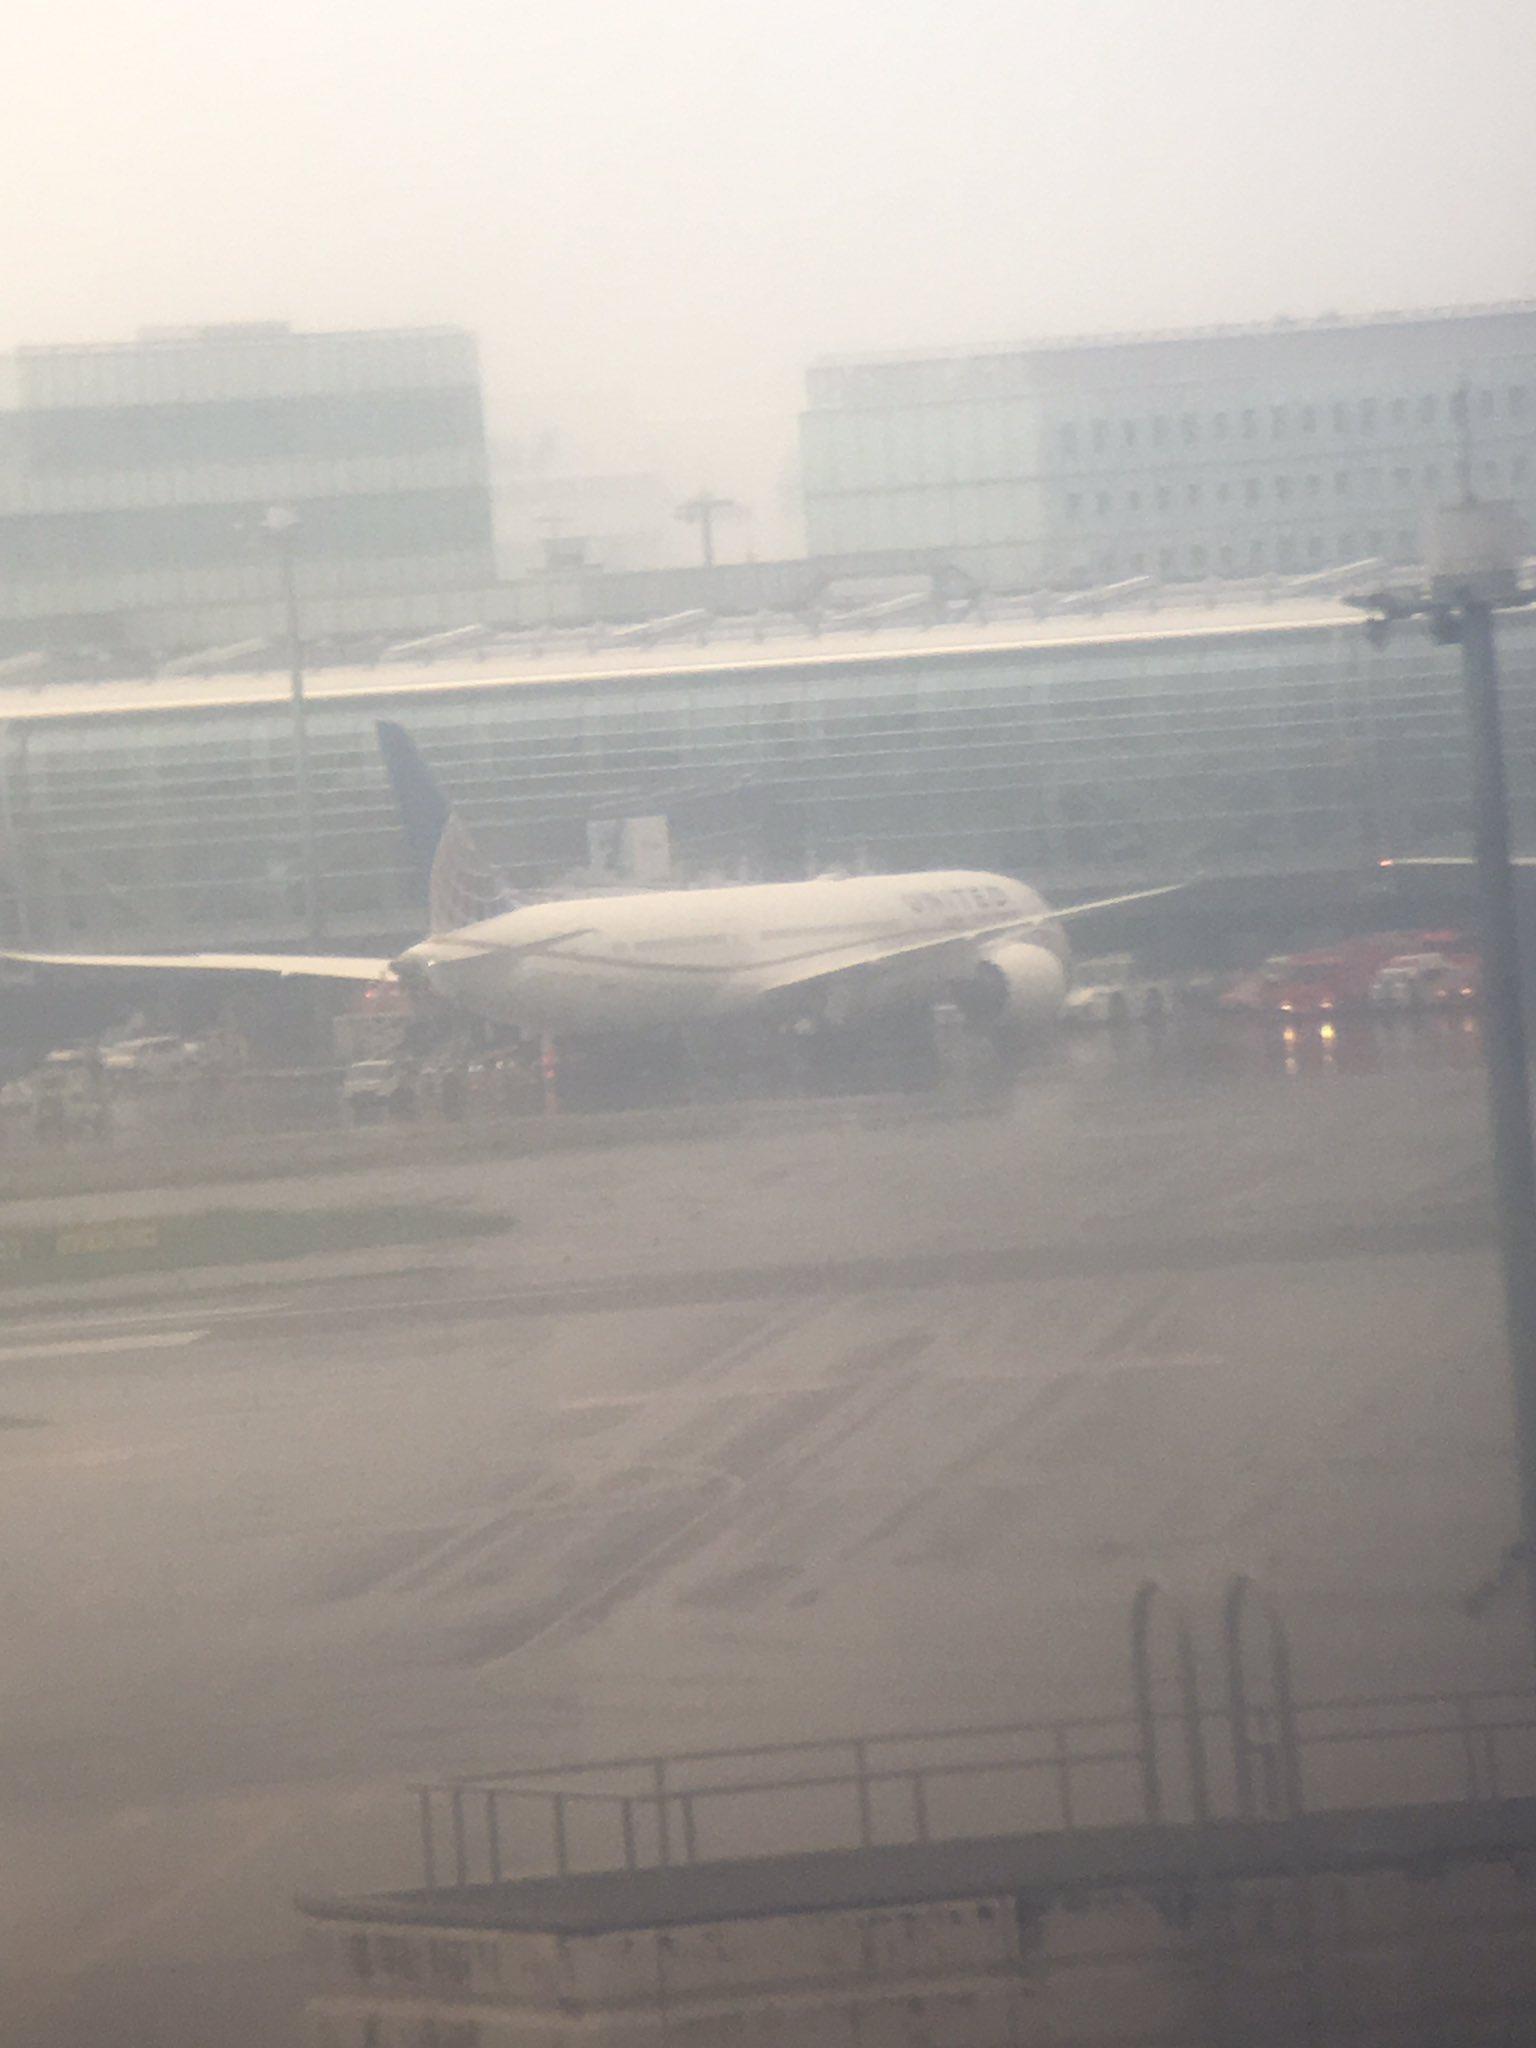 羽田空港に消防車が駆けつけている現場画像